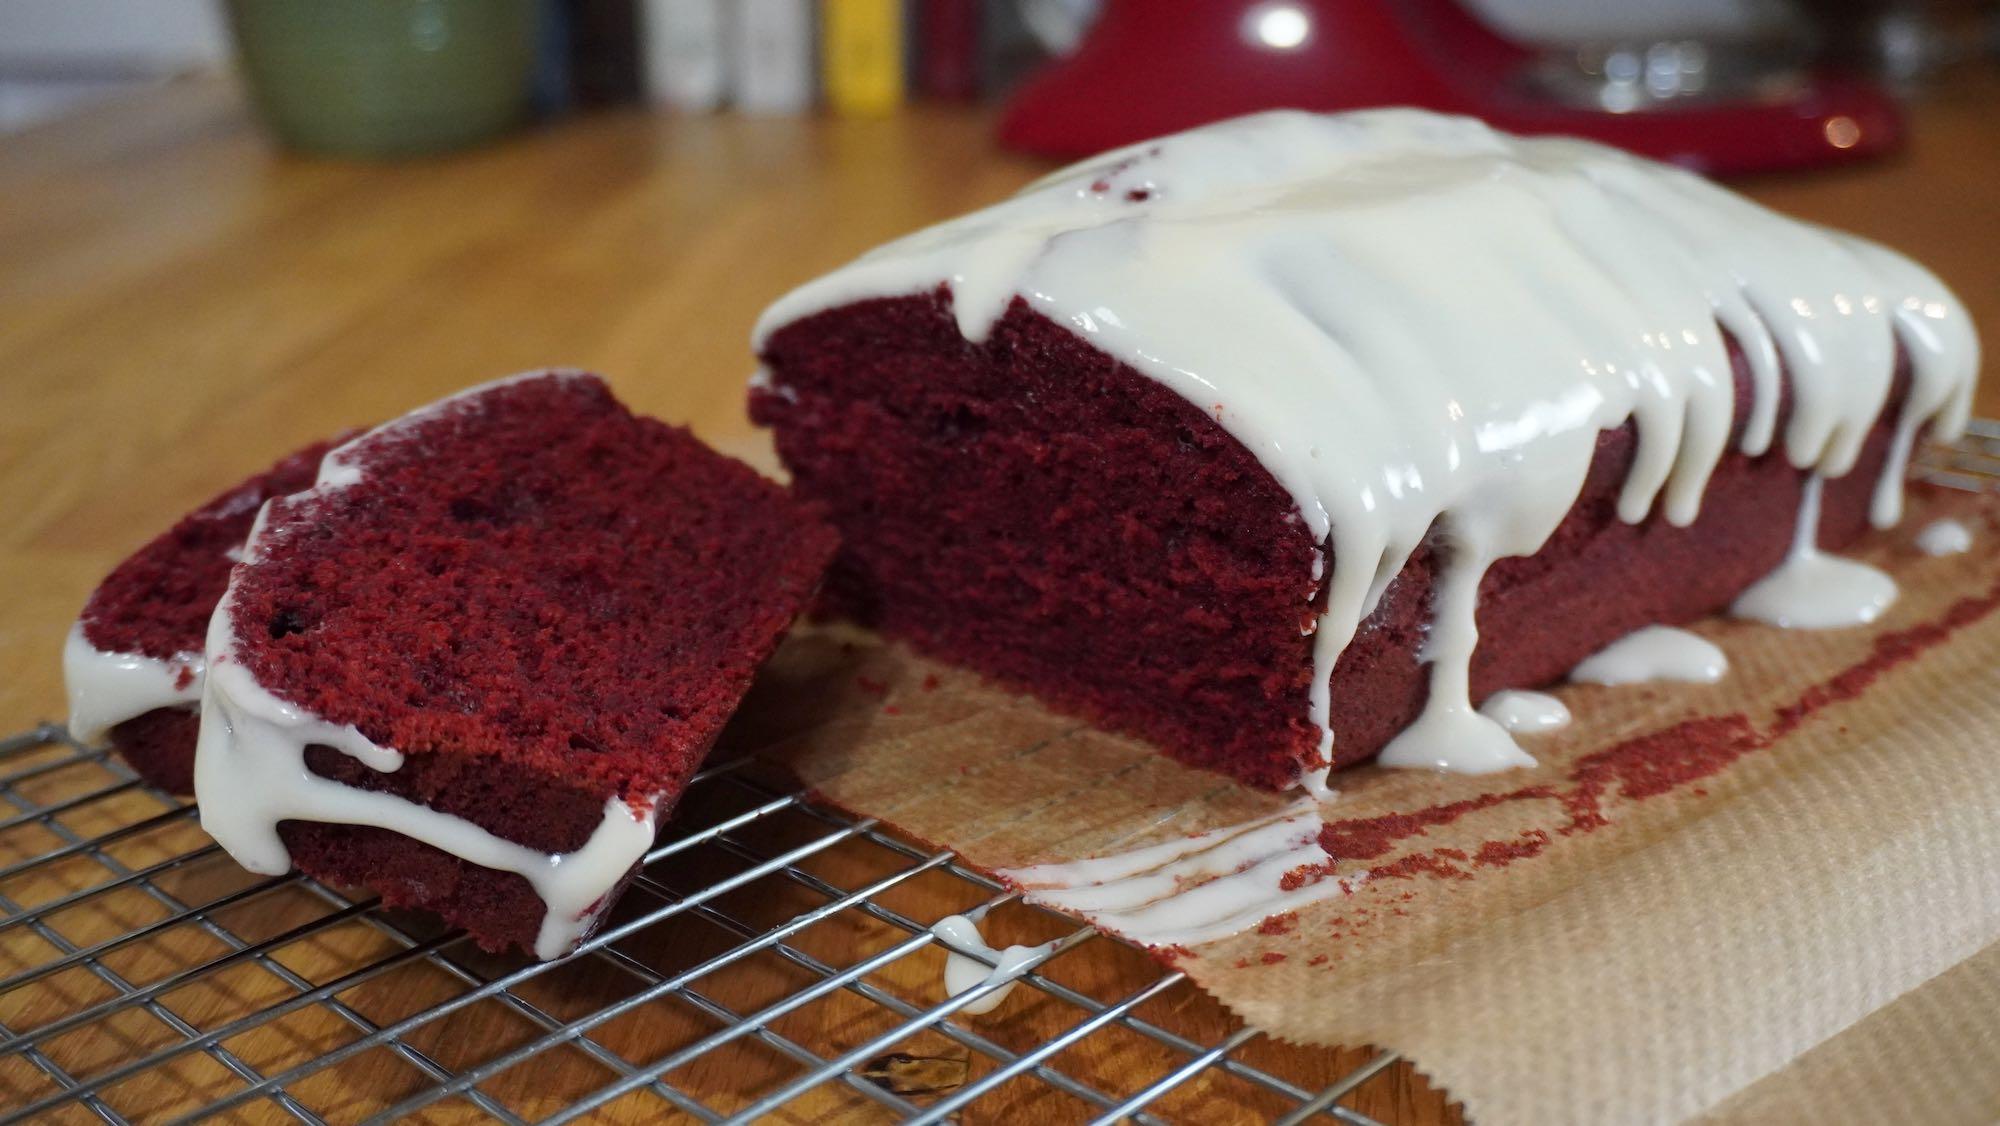 Red Velvet Cake with Spelt Flour